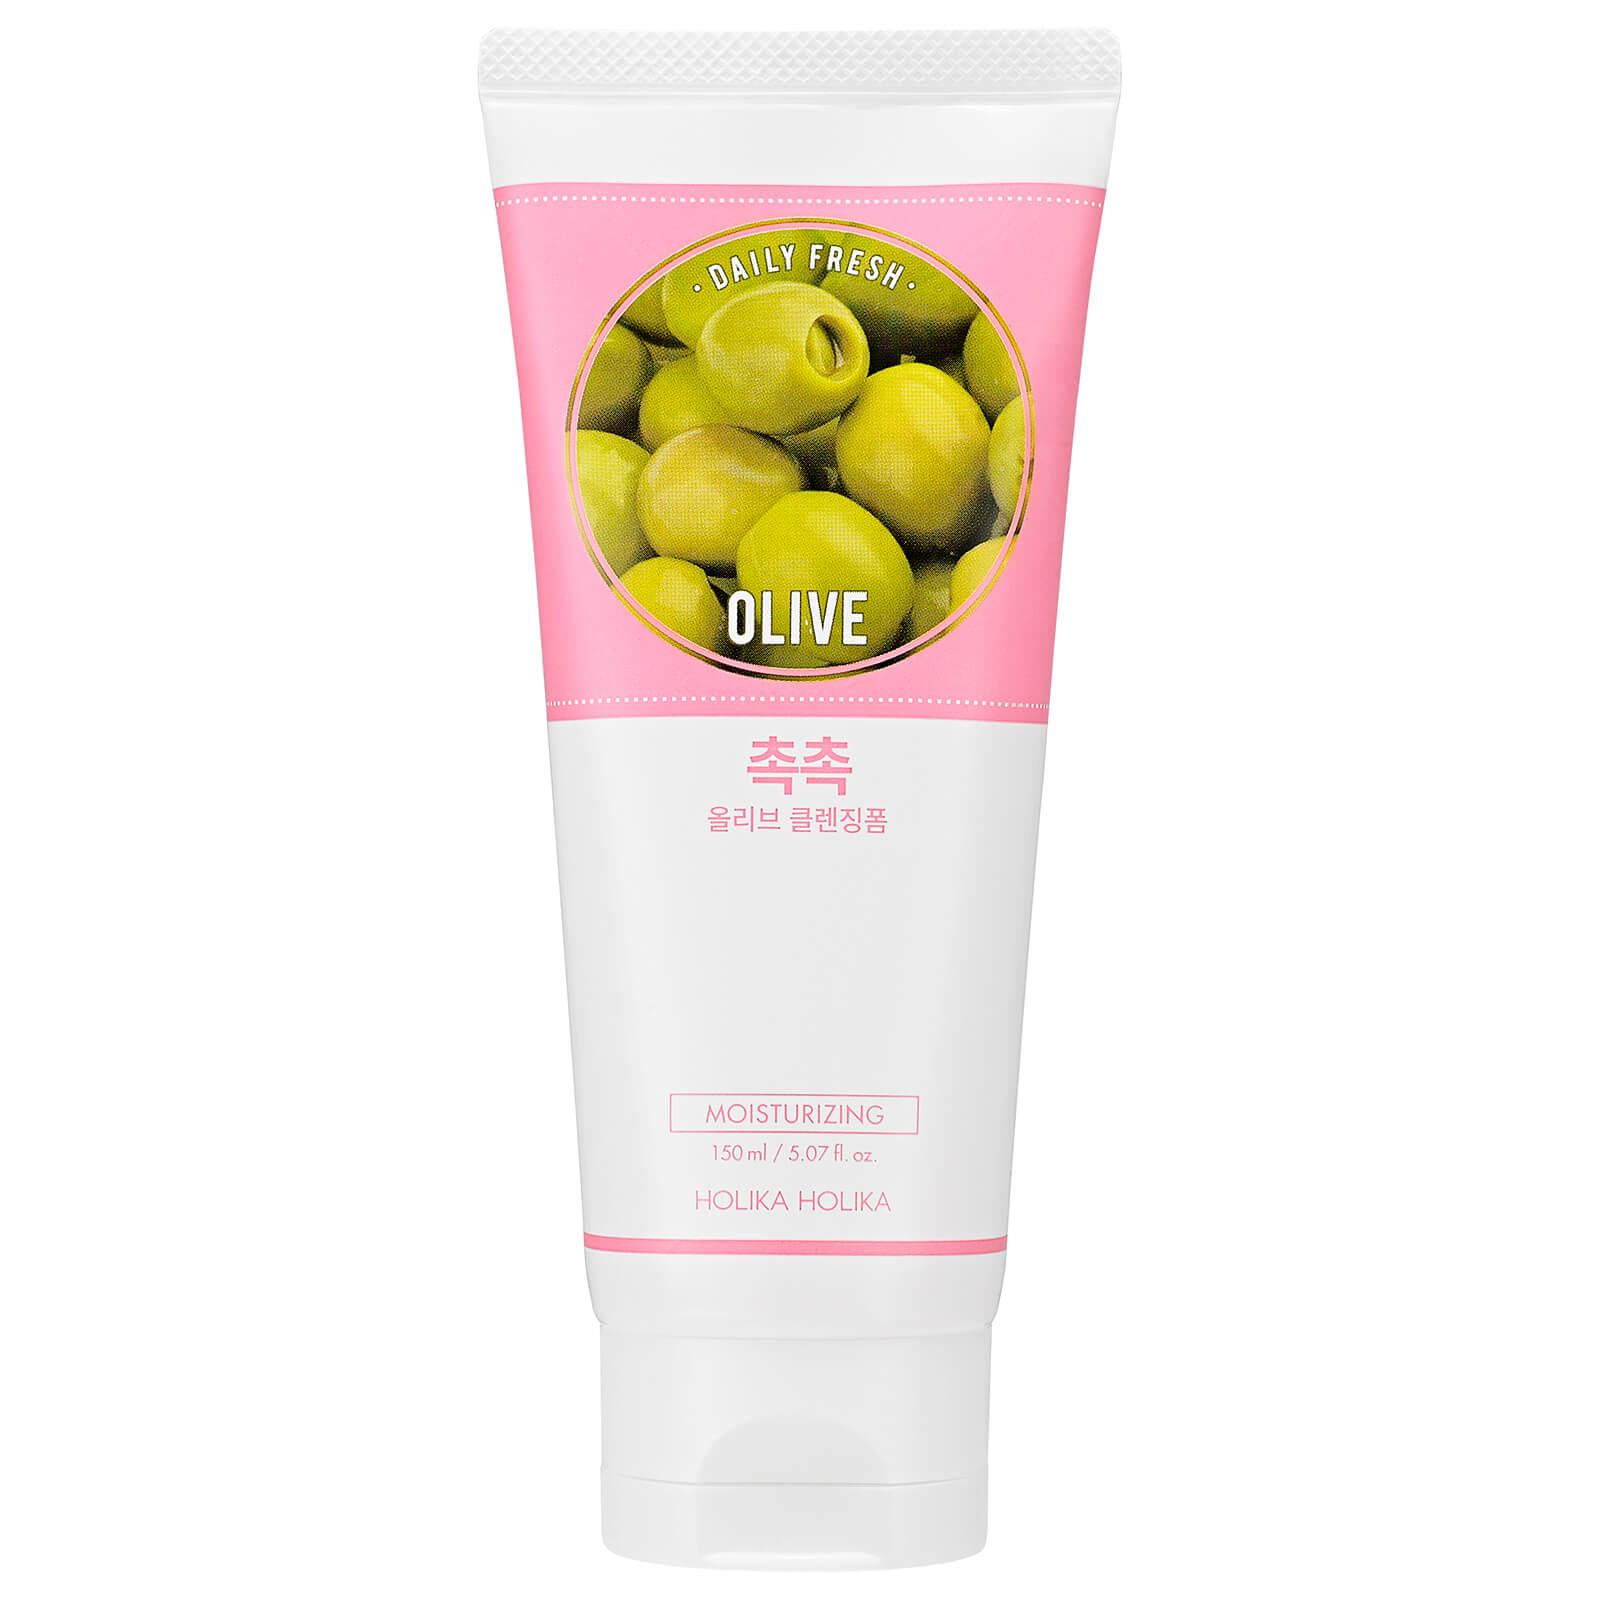 Купить Увлажняющая очищающая пенка с экстрактом оливы Holika Holika Daily Fresh Olive Cleansing Foam 150 мл